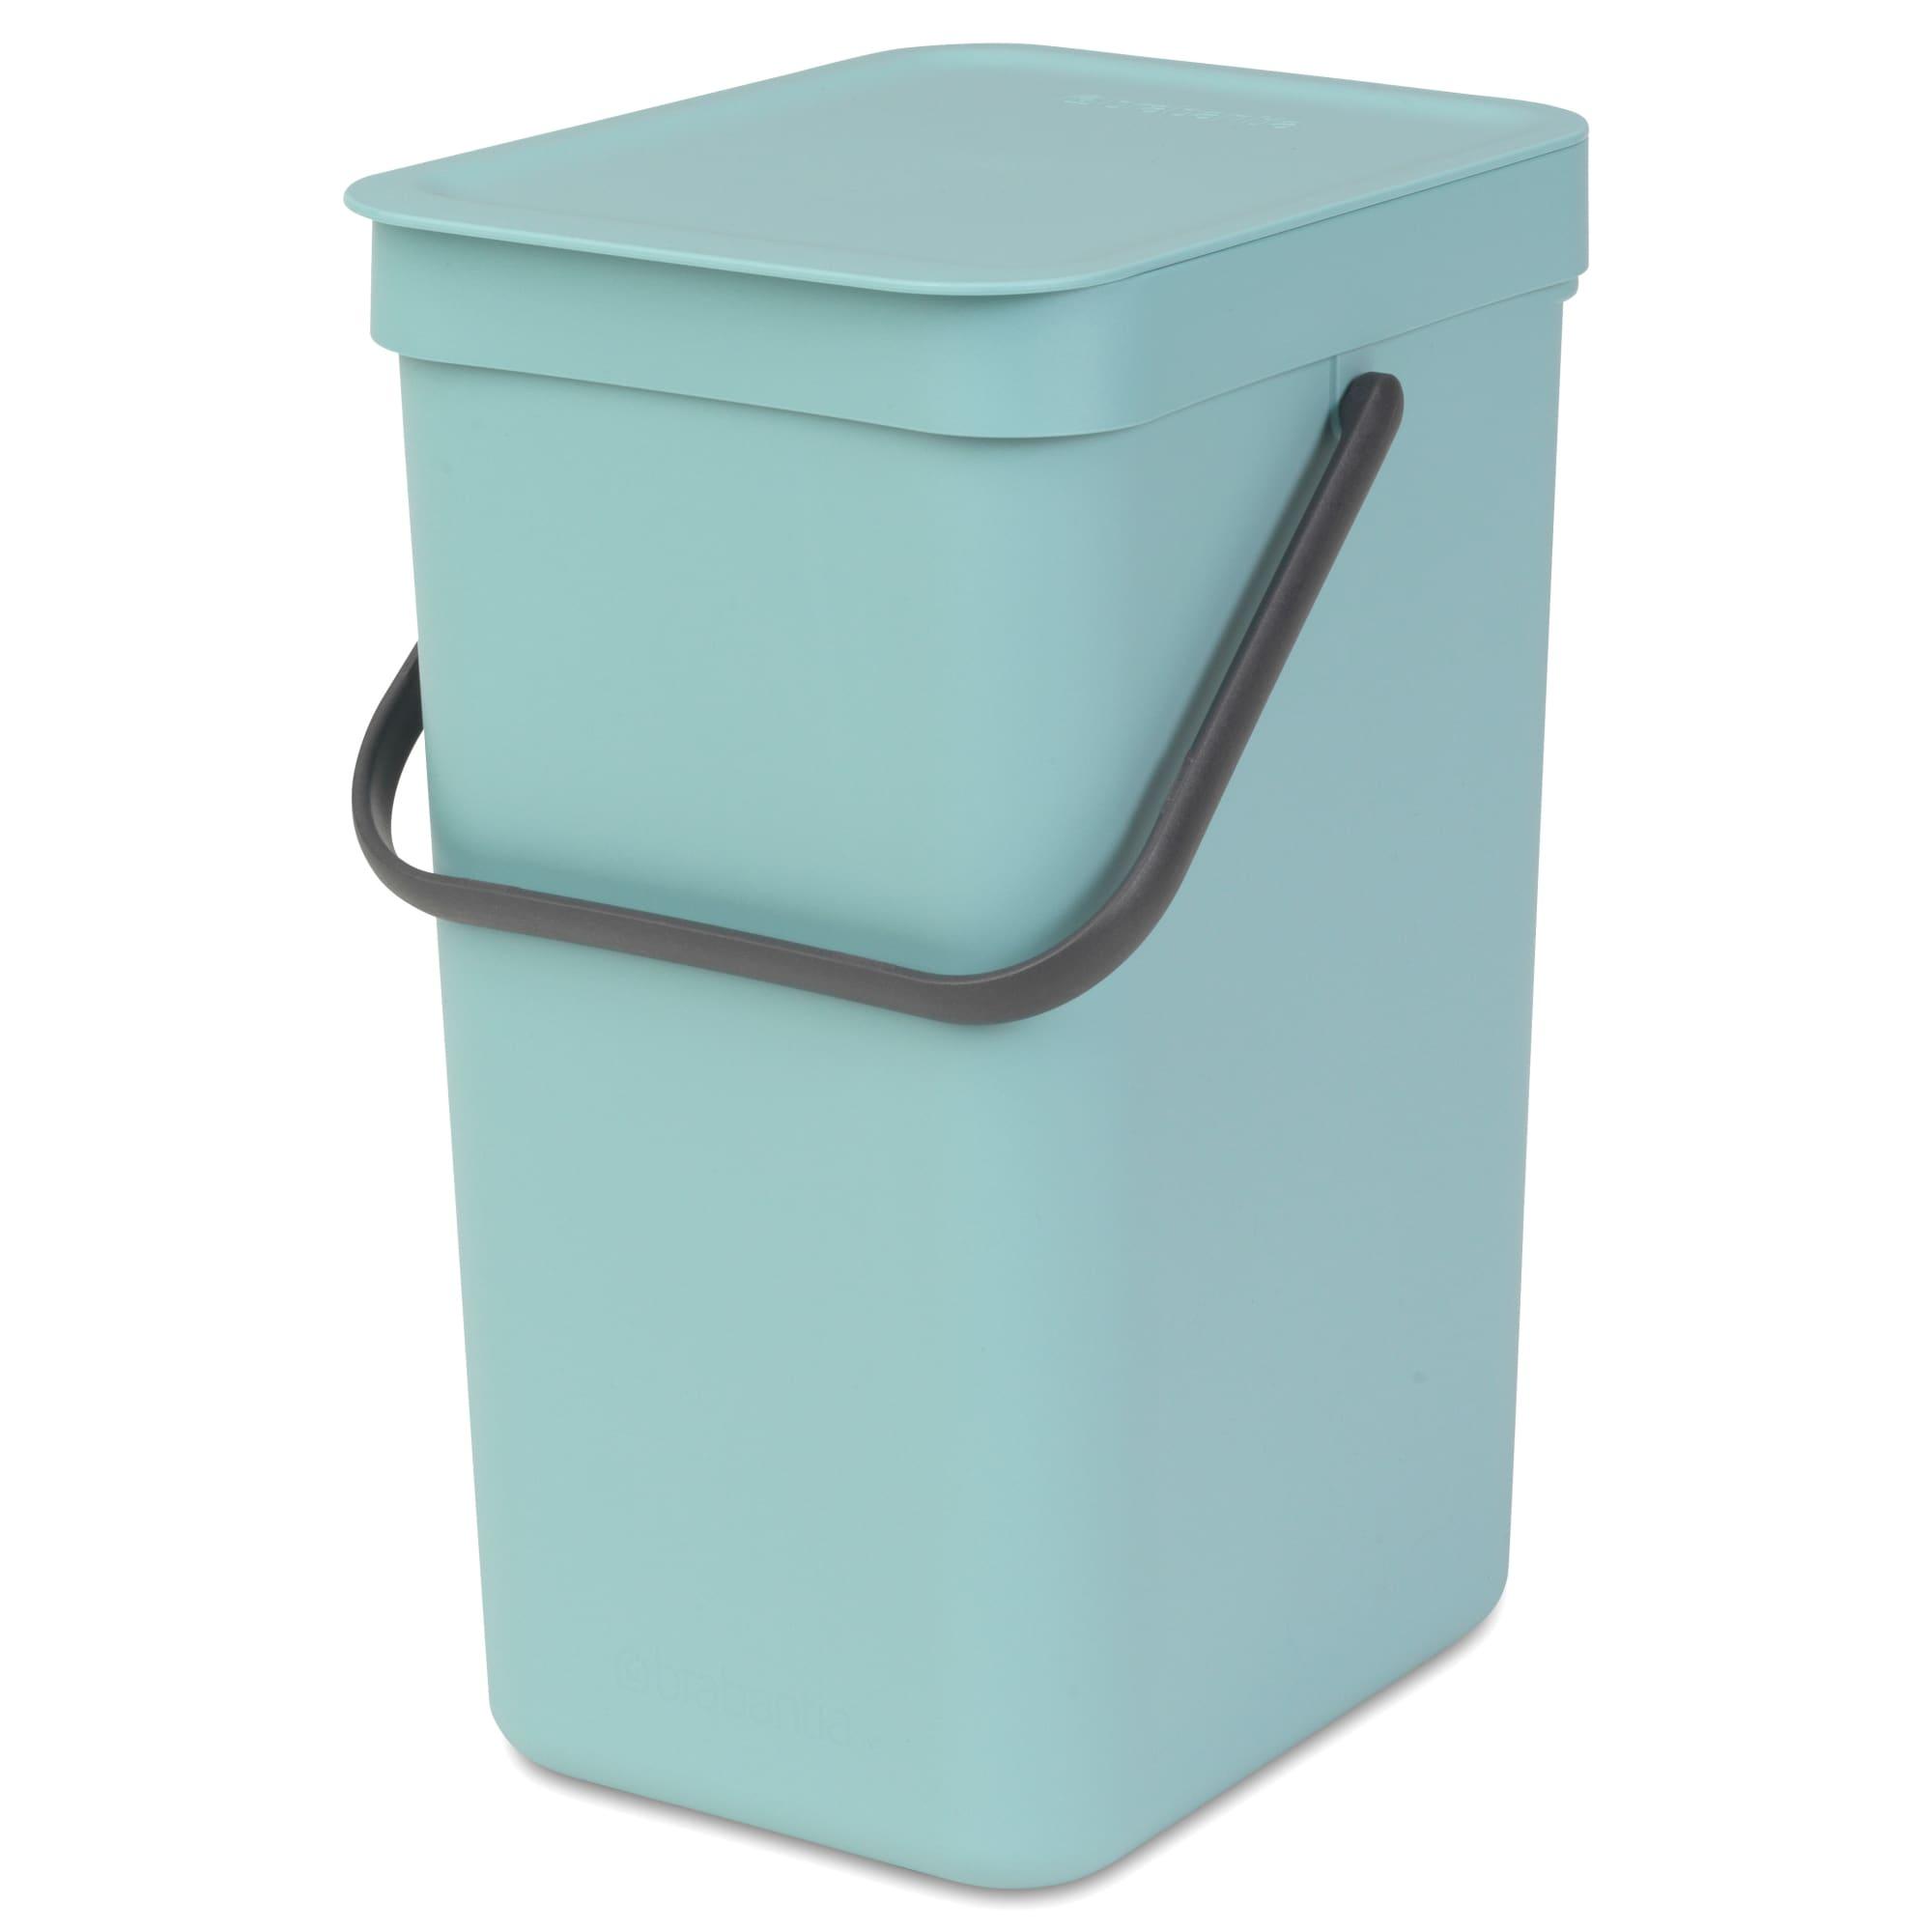 12 liter - Smart affaldssortering til hjemmet